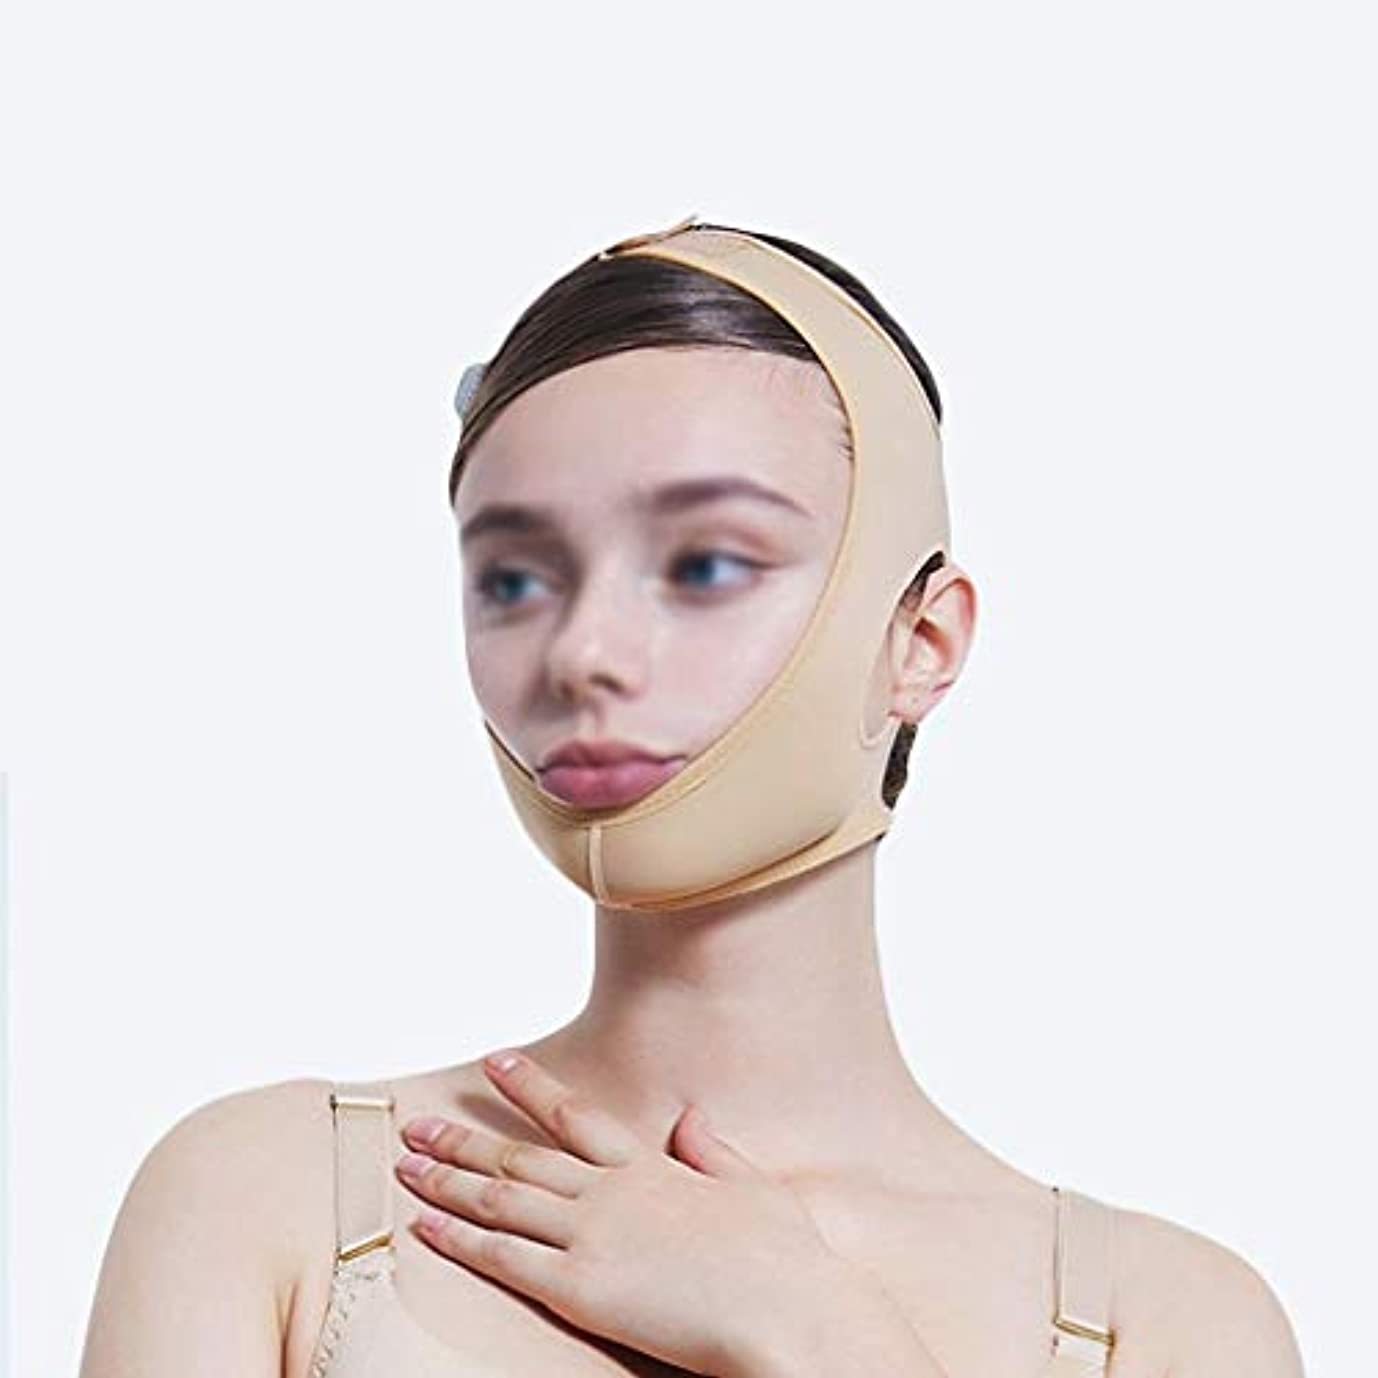 立証する寄生虫炭水化物フェイシャルライン、頬、しわ防止フェイシャル減量、フェイスバンド、フェイスマスク、フェイスリフティング、通気性、ダブルチンストラップ(サイズ:XXL),XS